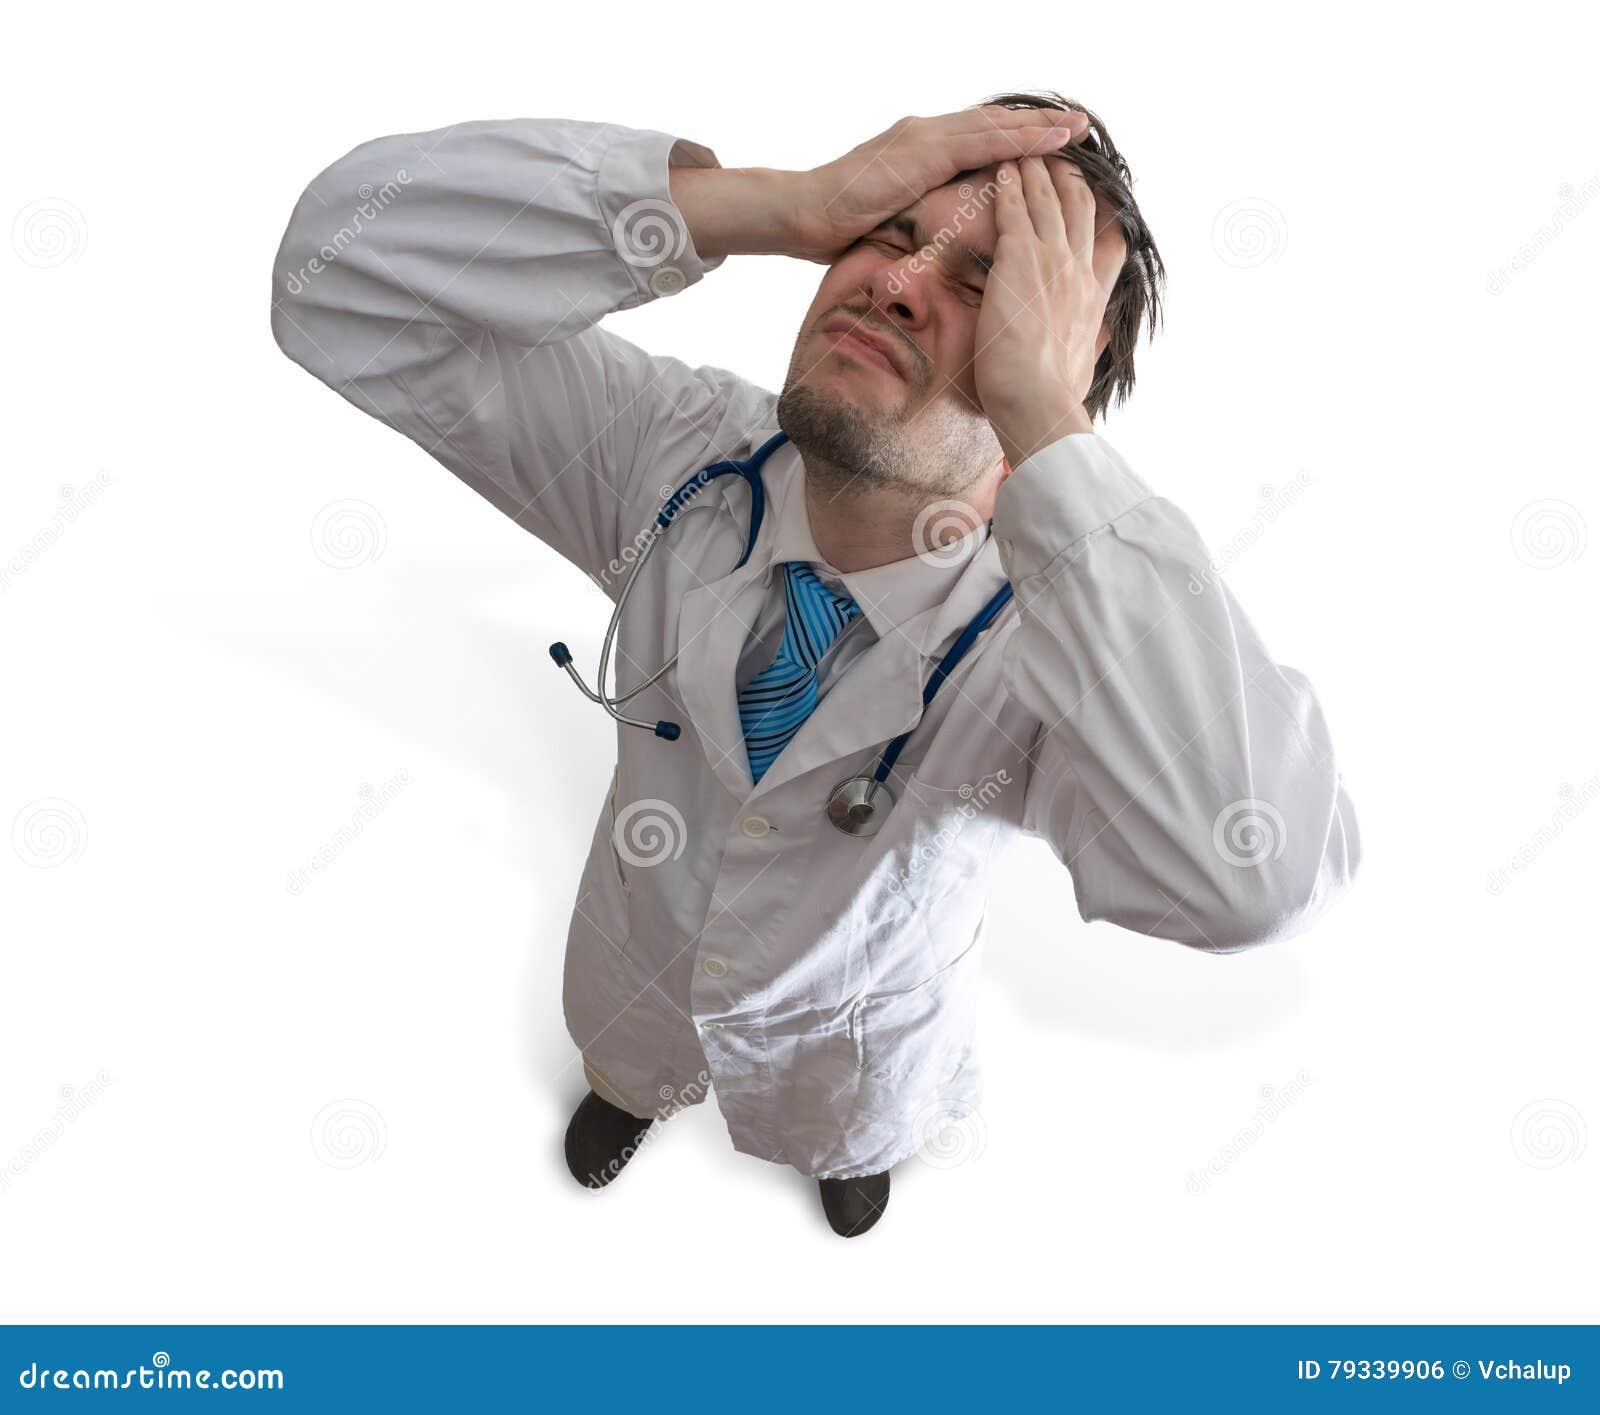 Mislukking en misdrijfconcept Teleurgestelde en beklemtoonde arts